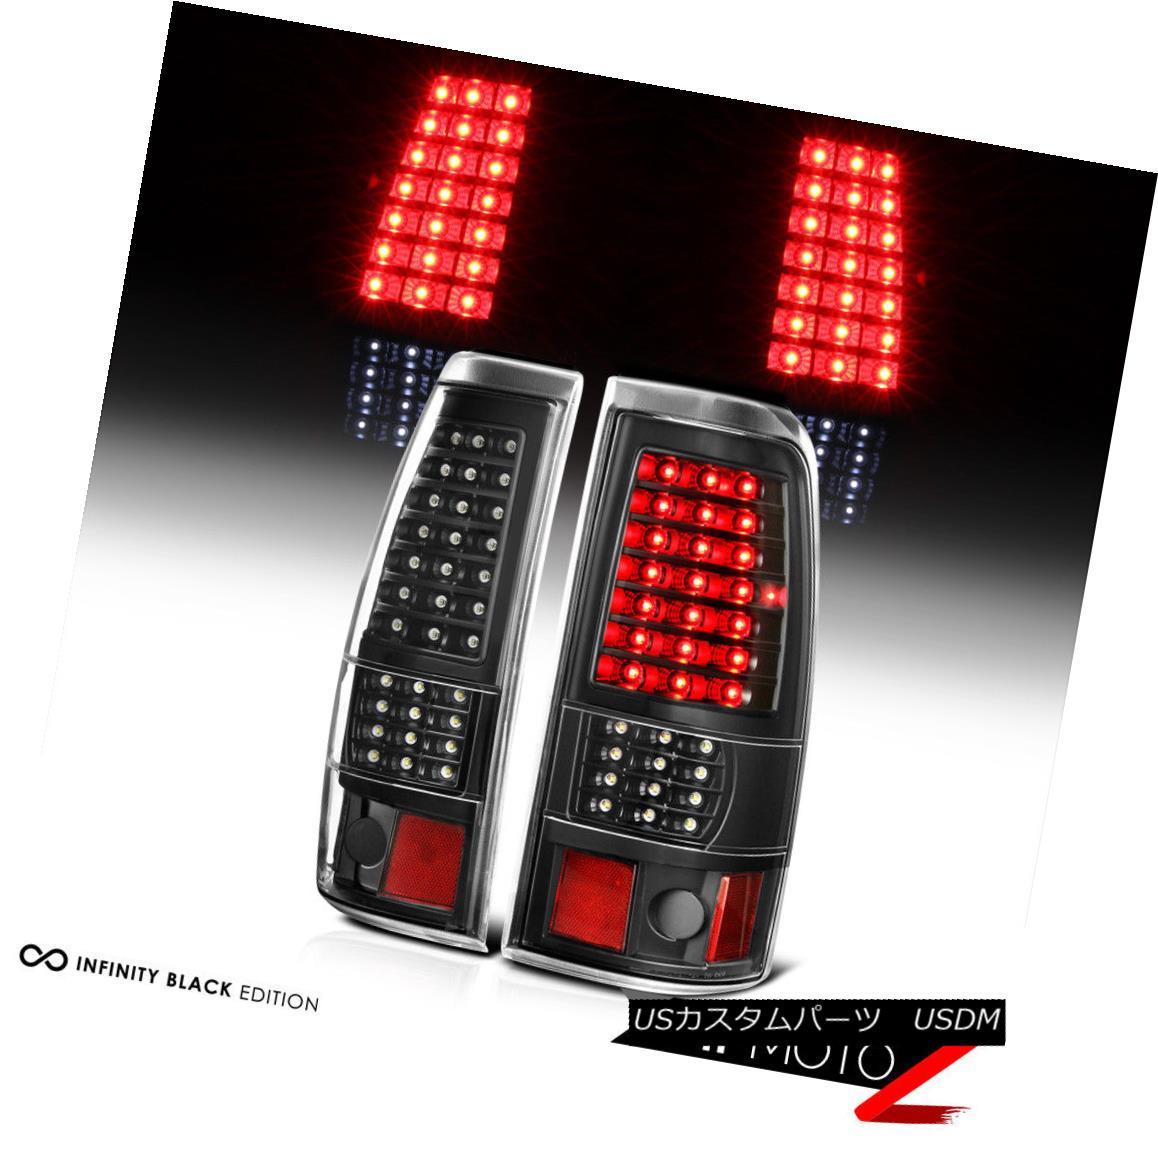 テールライト GMC SIerra 1999-2002 Chevy Silverado 1500 2500 3500 LED Signal Brake Tail Lights GMC SIERRA 1999-2002 Chevy Silverado 1500 2500 3500 LED信号ブレーキテールライト